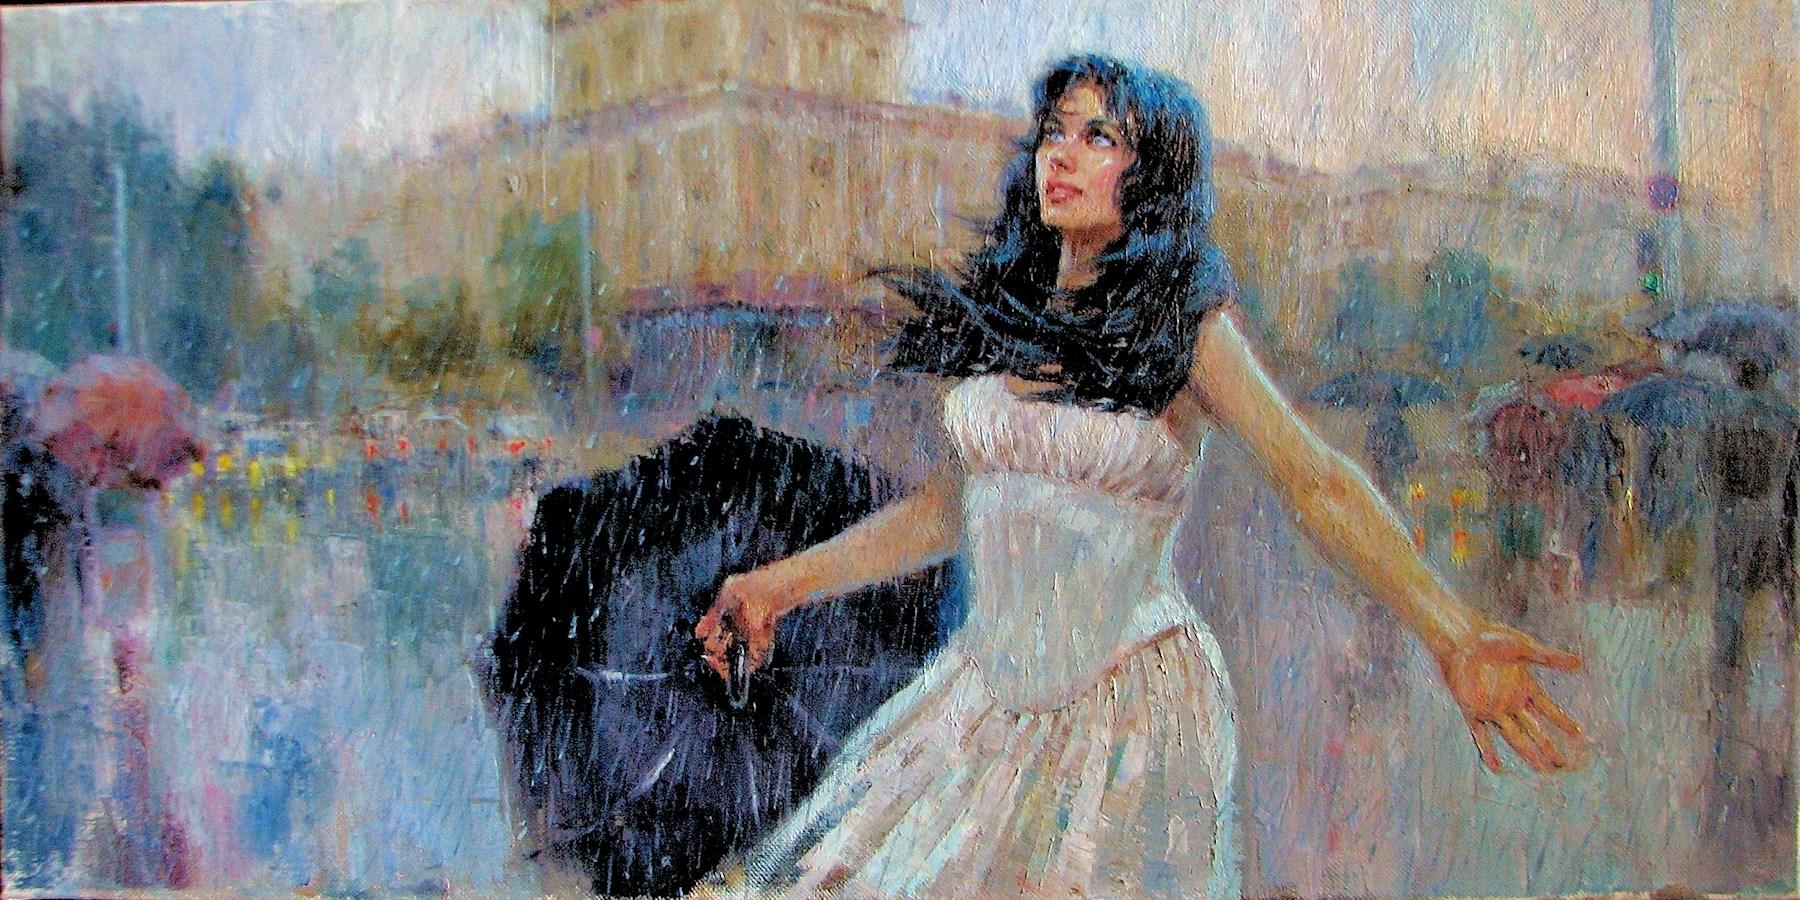 00 Vladimir Kireyev. Rain. 2010